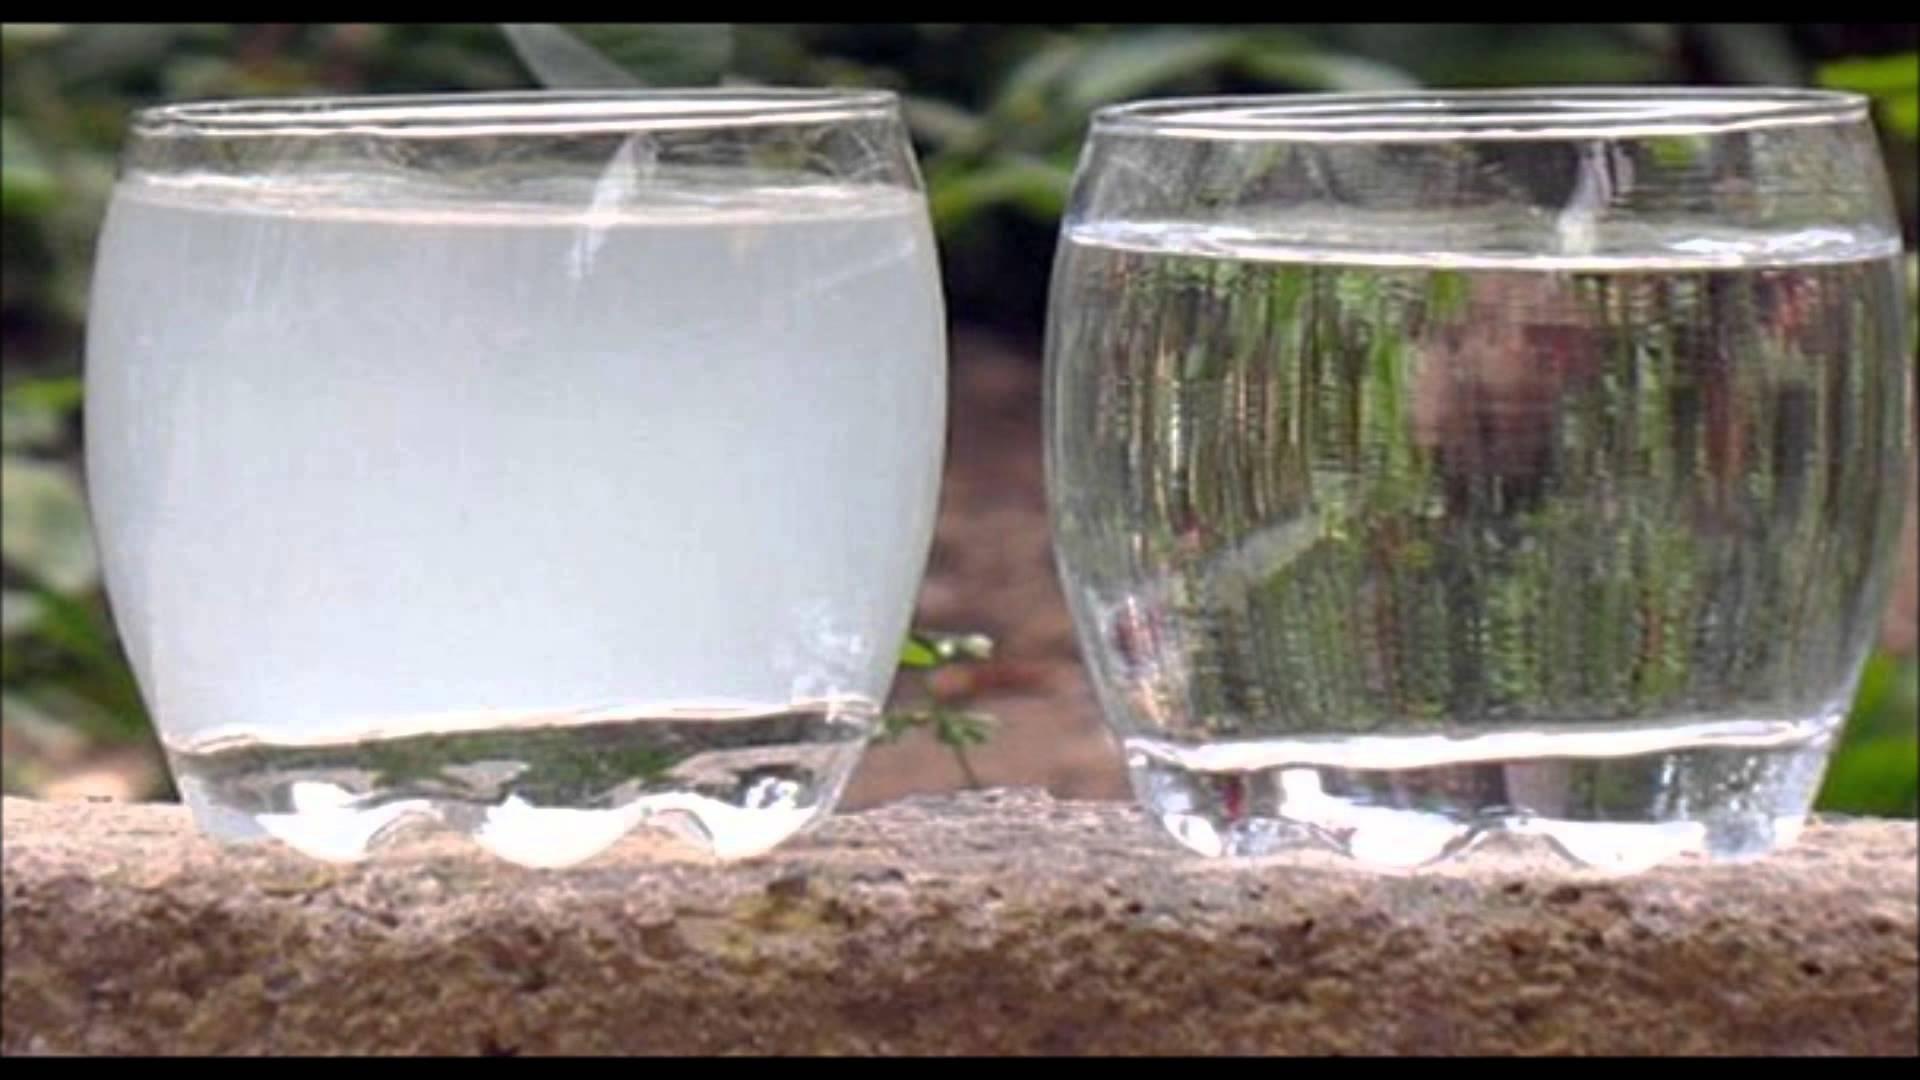 gauche : eau calcaire droite : eau adoucie